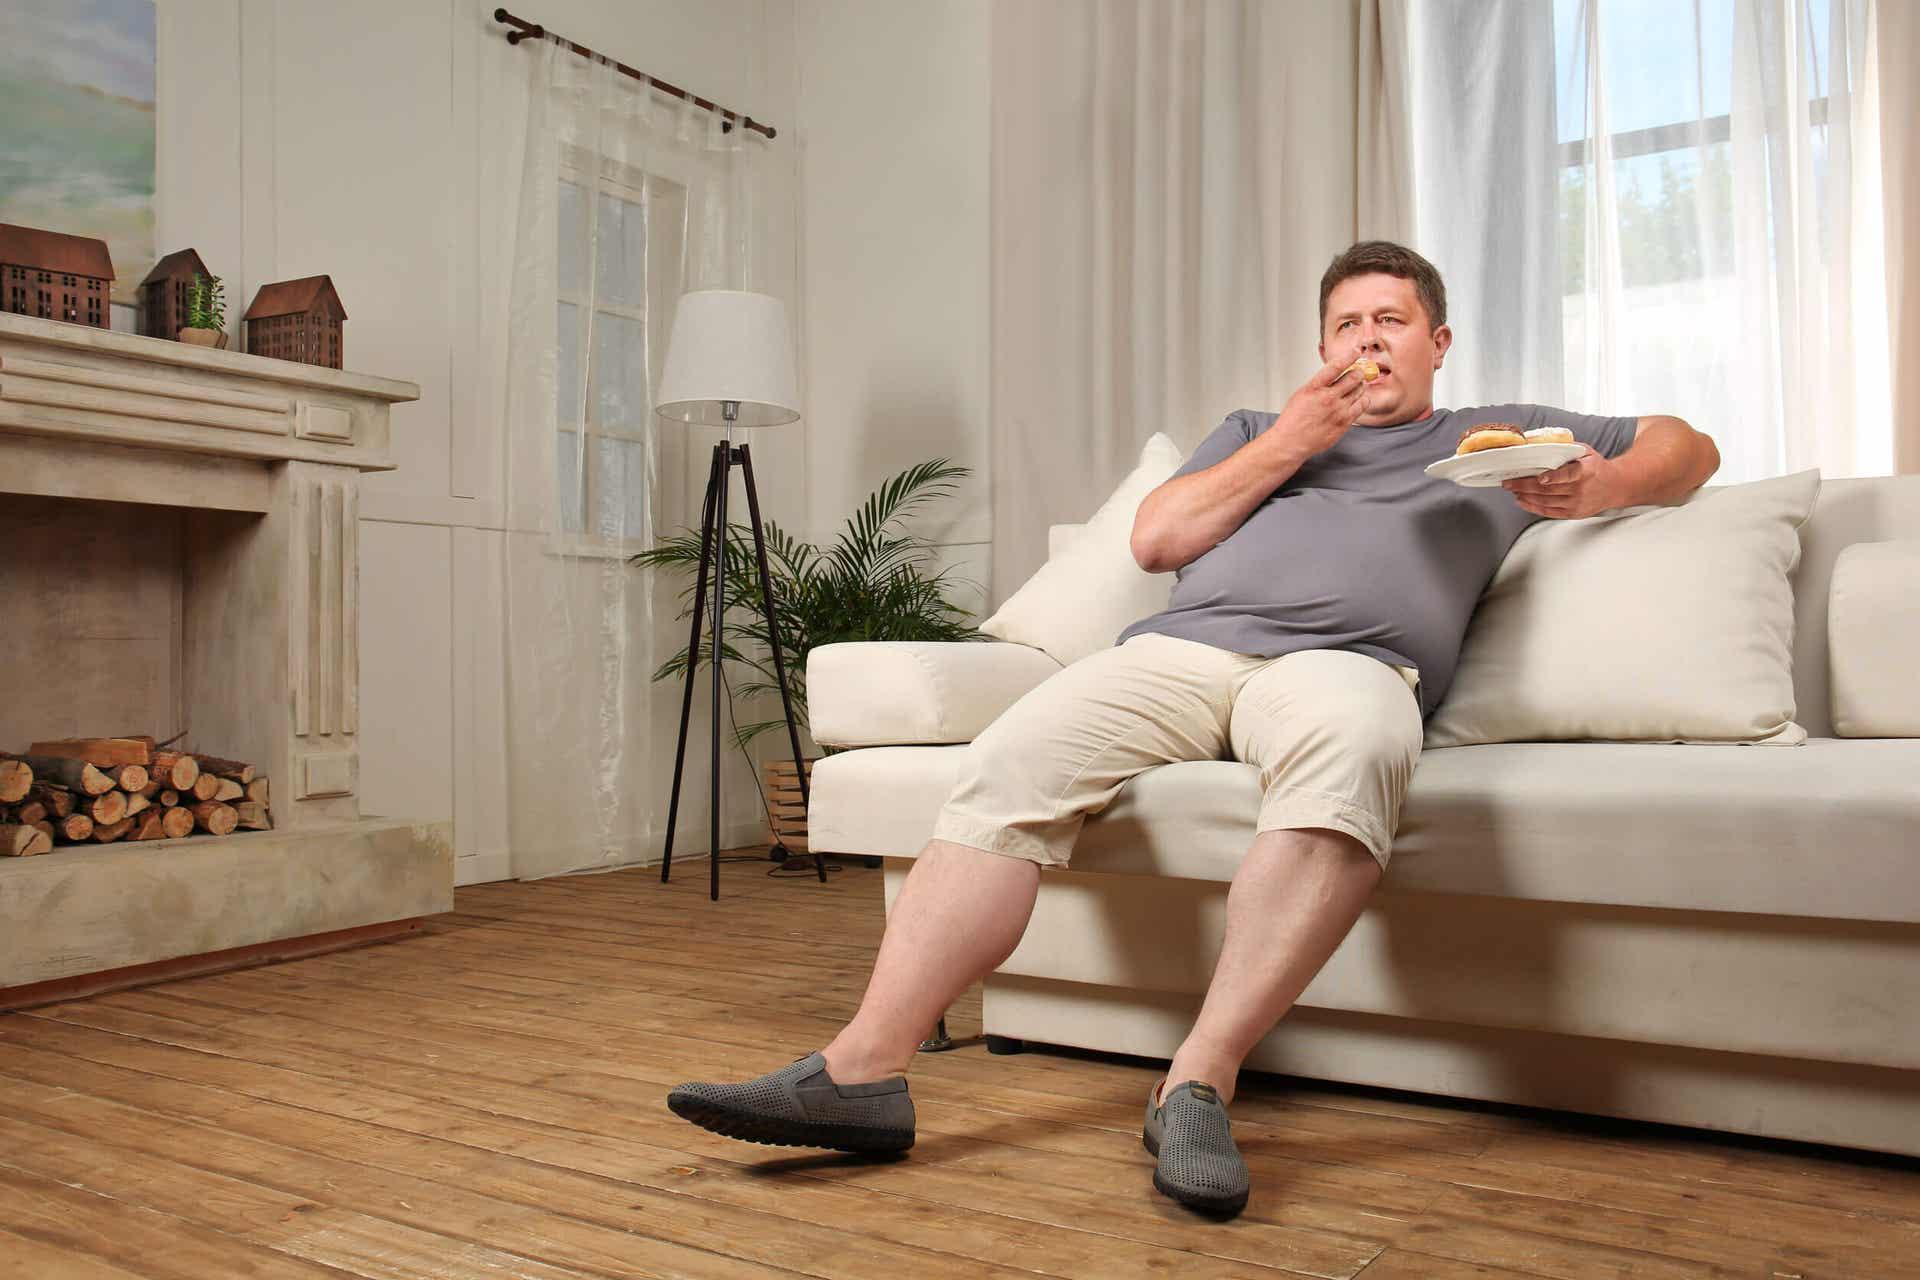 Wydęty brzuch to problem nie tylko osób otyłych.